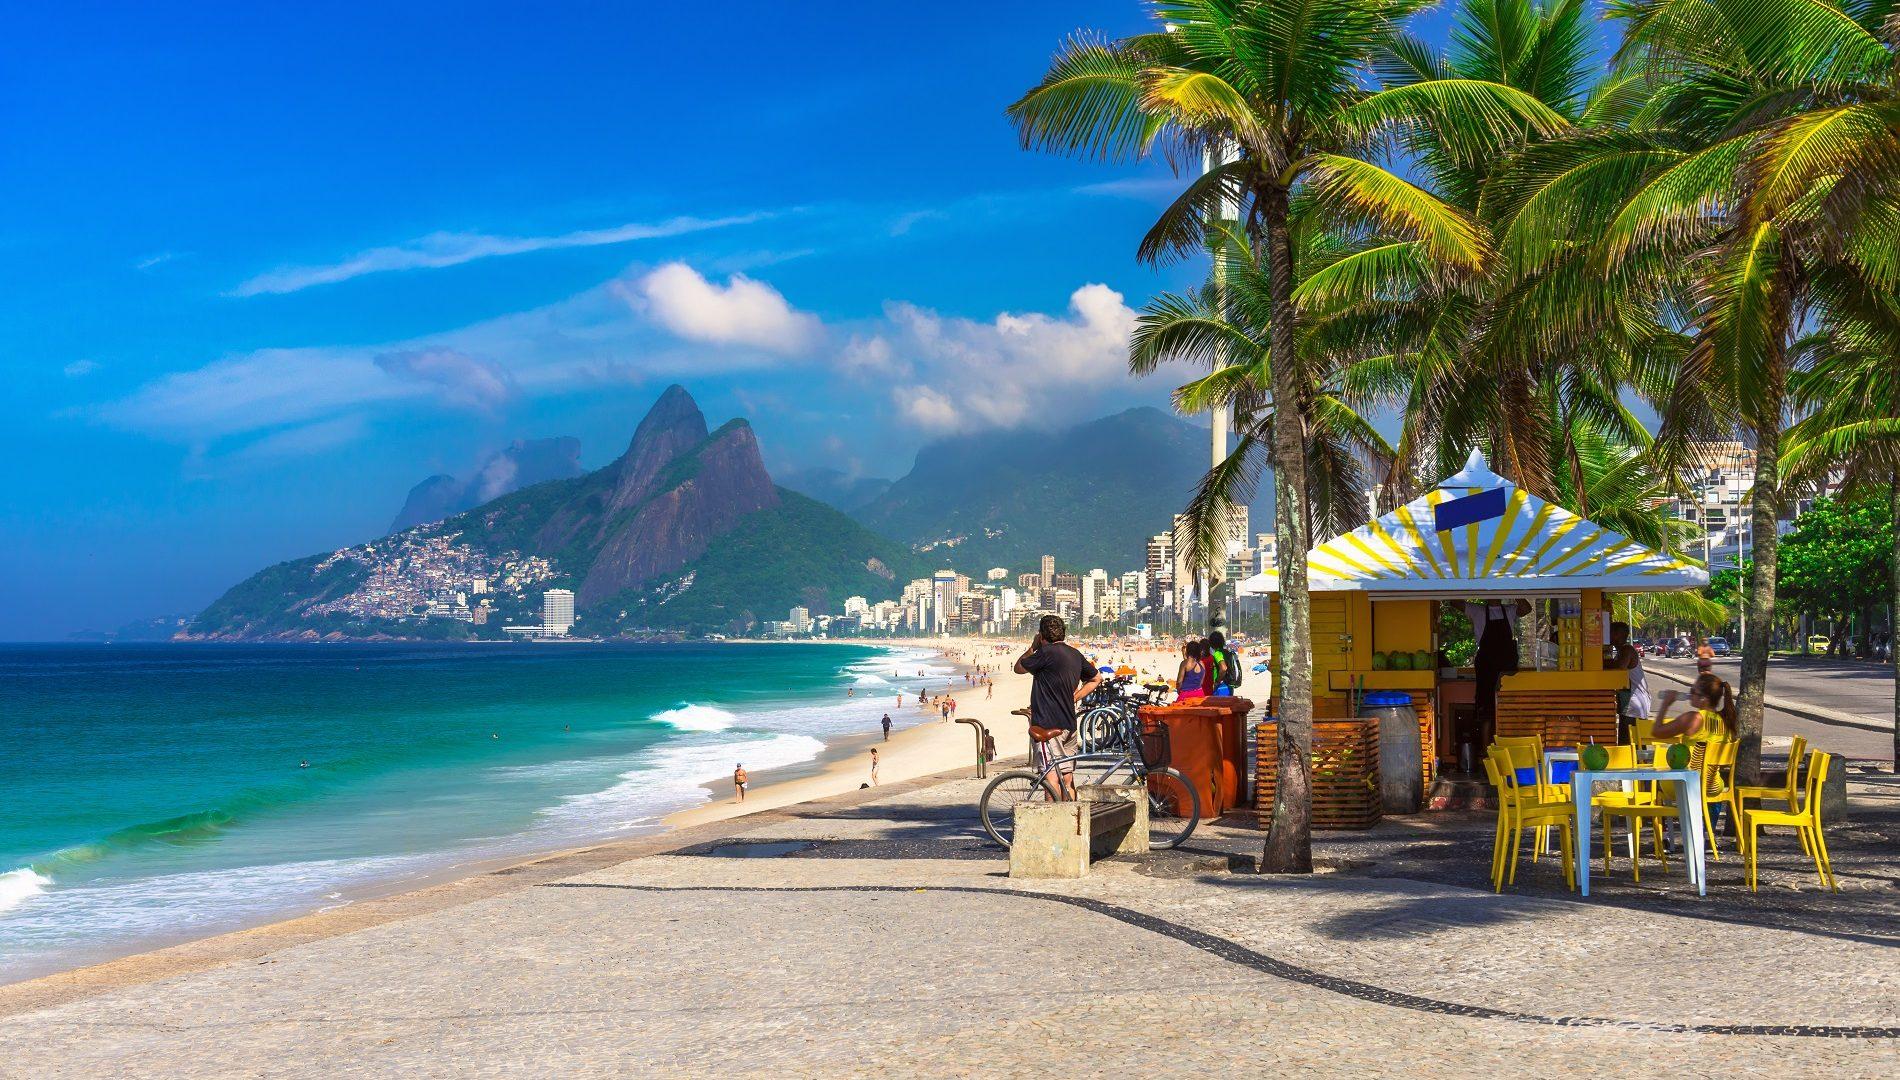 Il turismo per il nuovo presidente del Brasile Bolsonaro